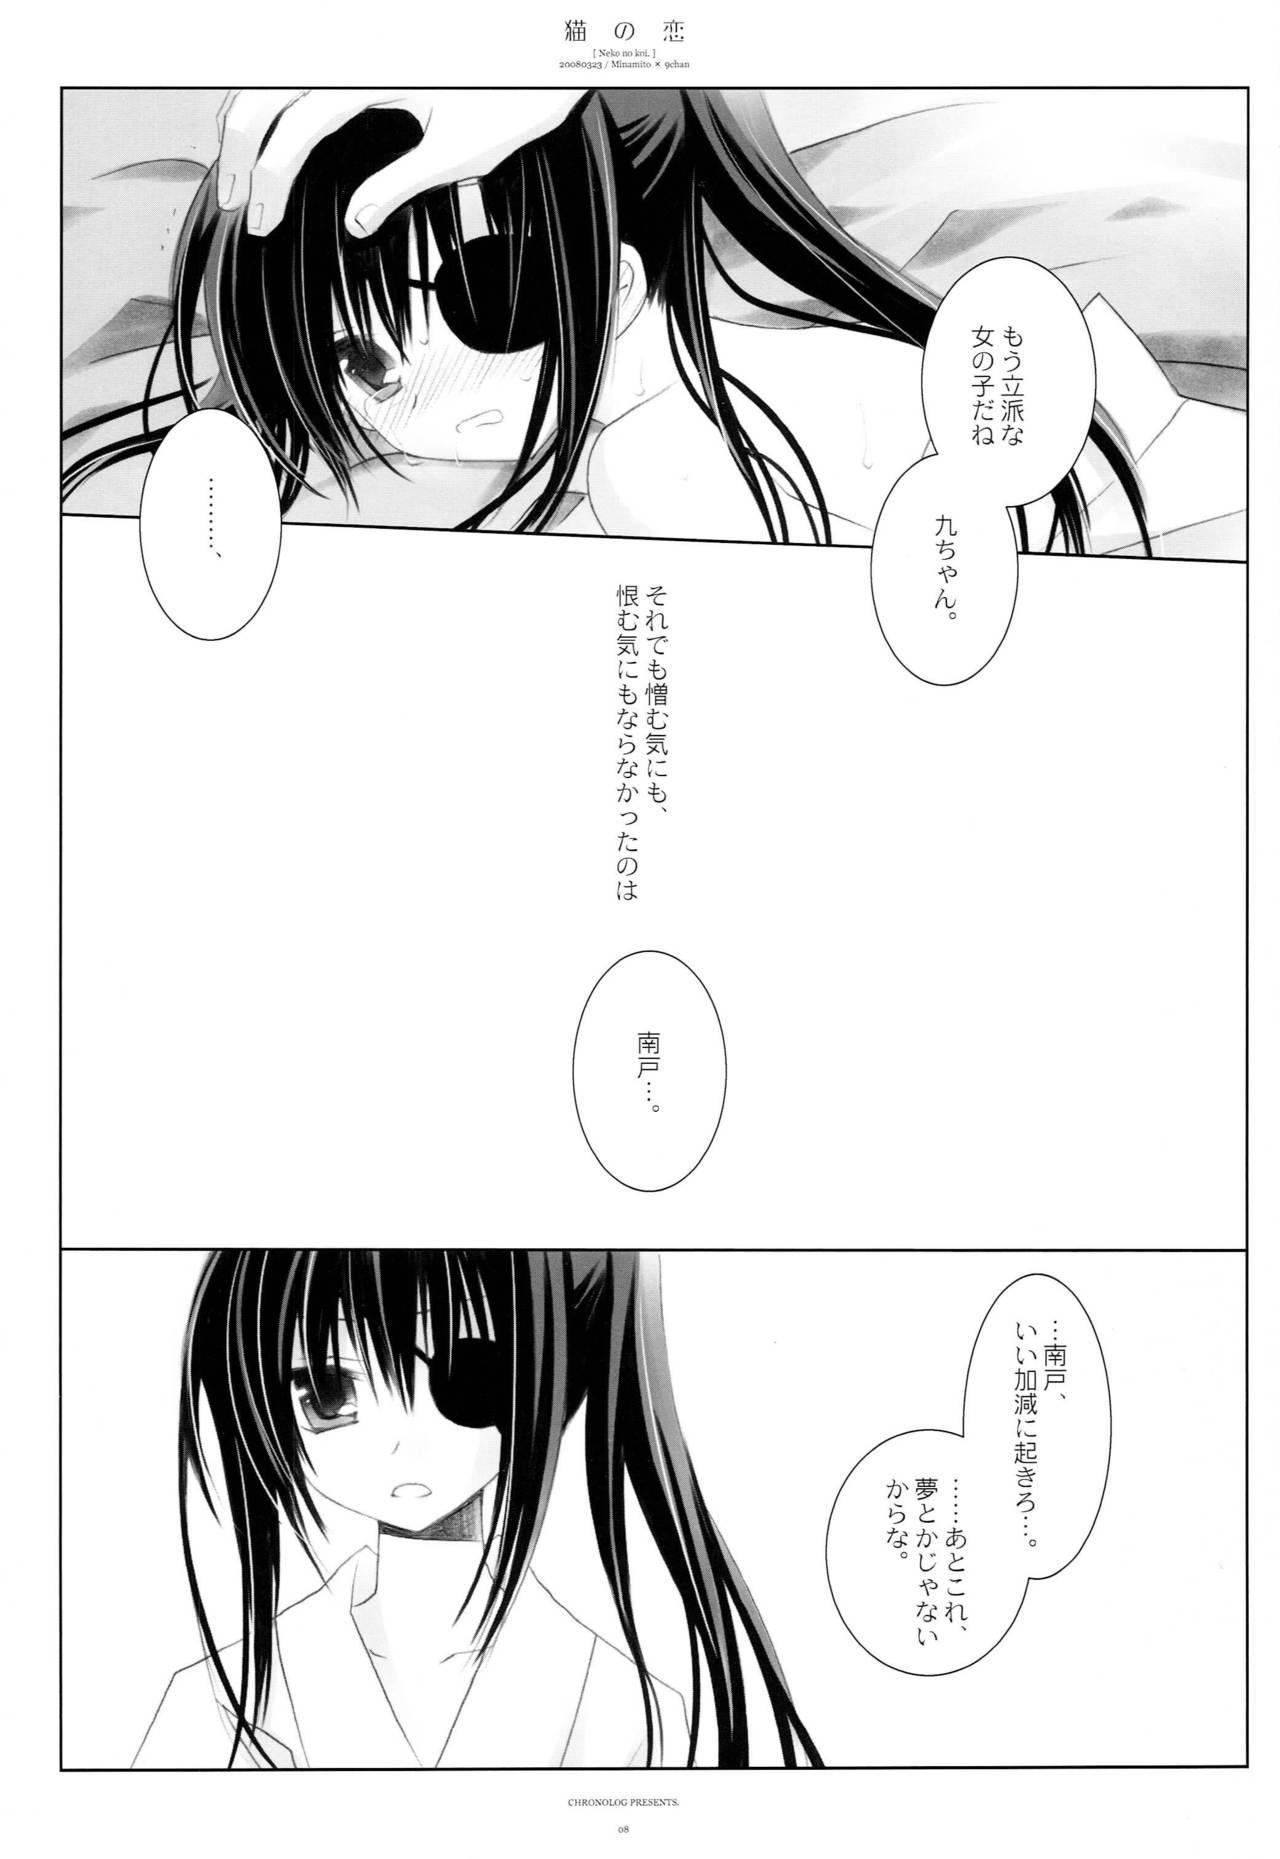 Neko no Koi 6